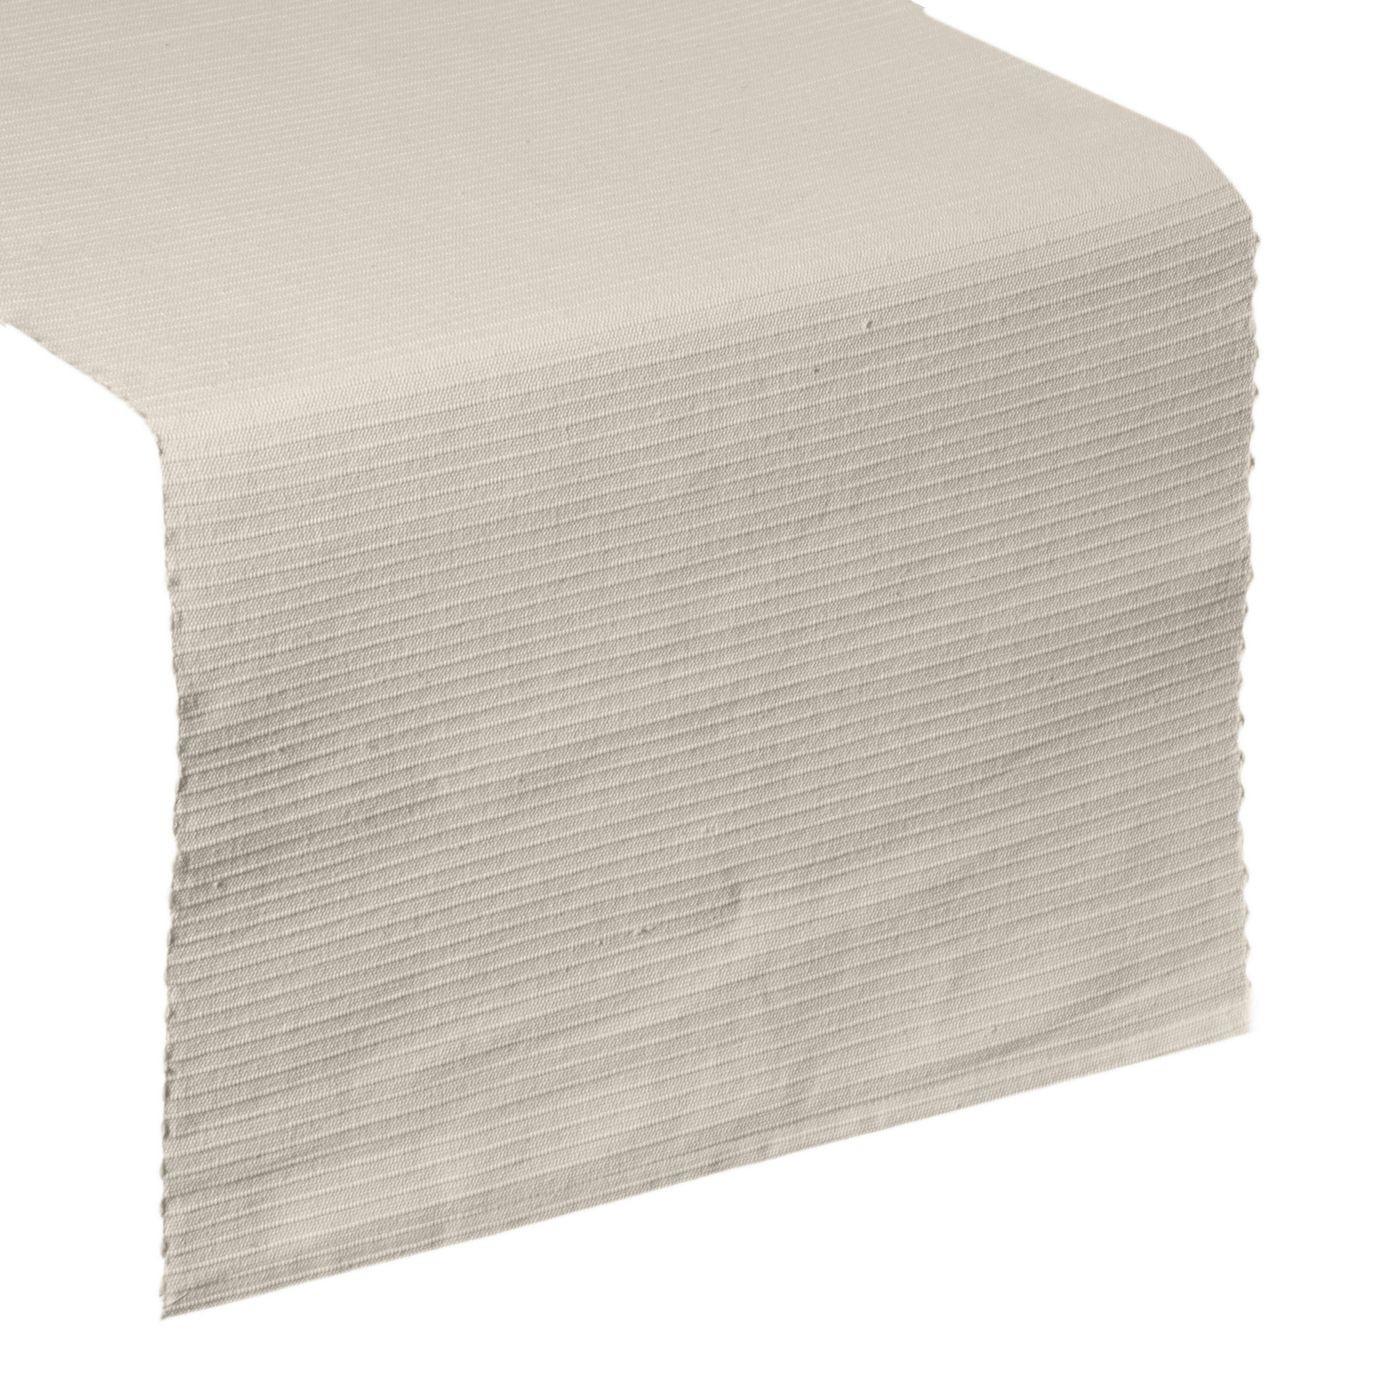 Beżowy bieżnik na stół strukturalny w paski bawełniany 40x140 cm